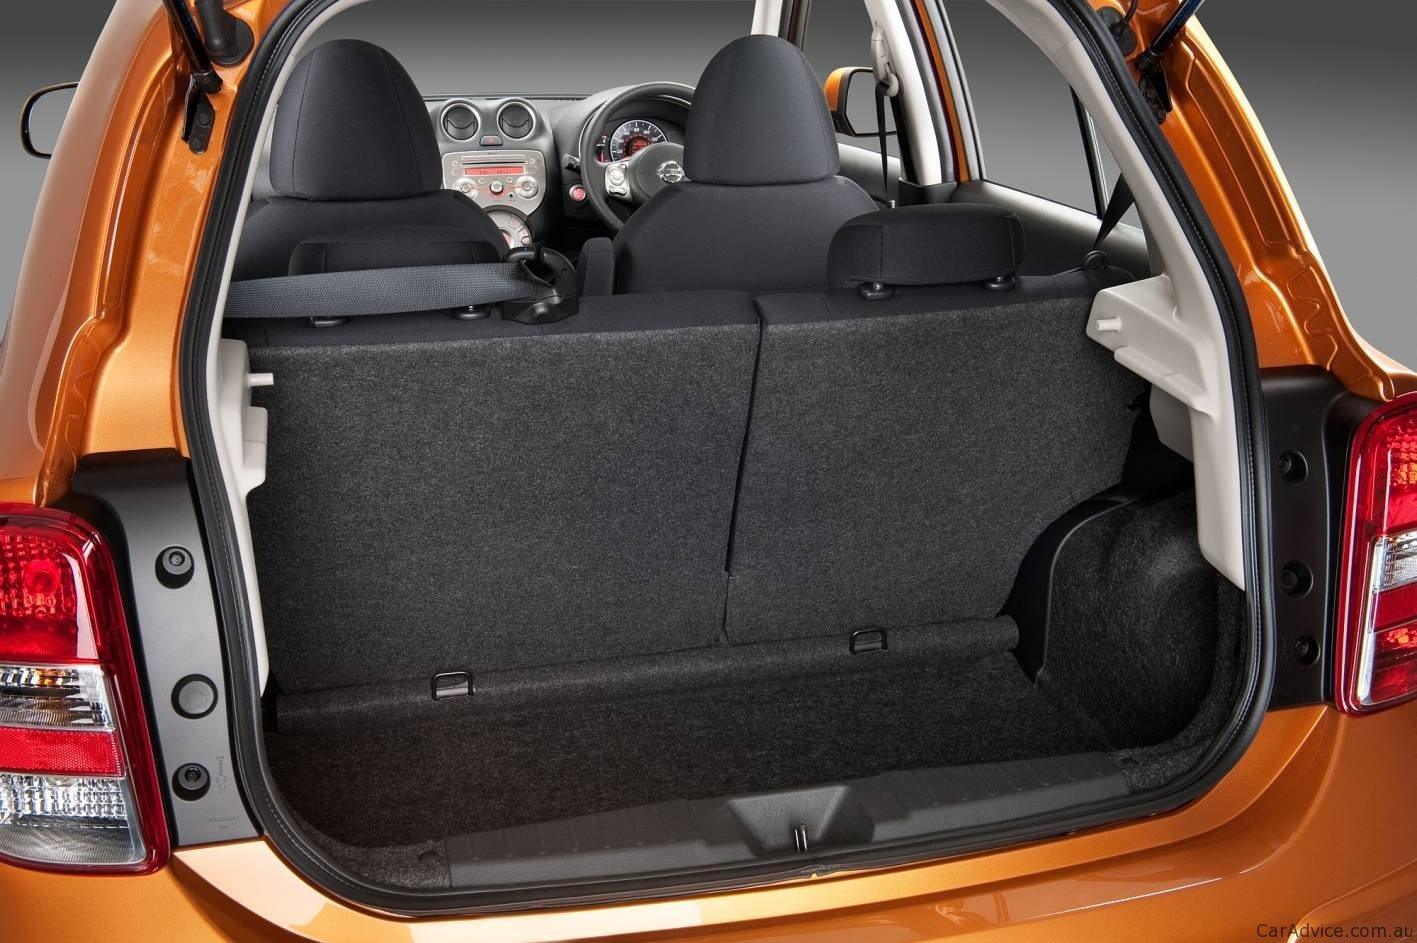 Nissan Micra Review Photos Caradvice